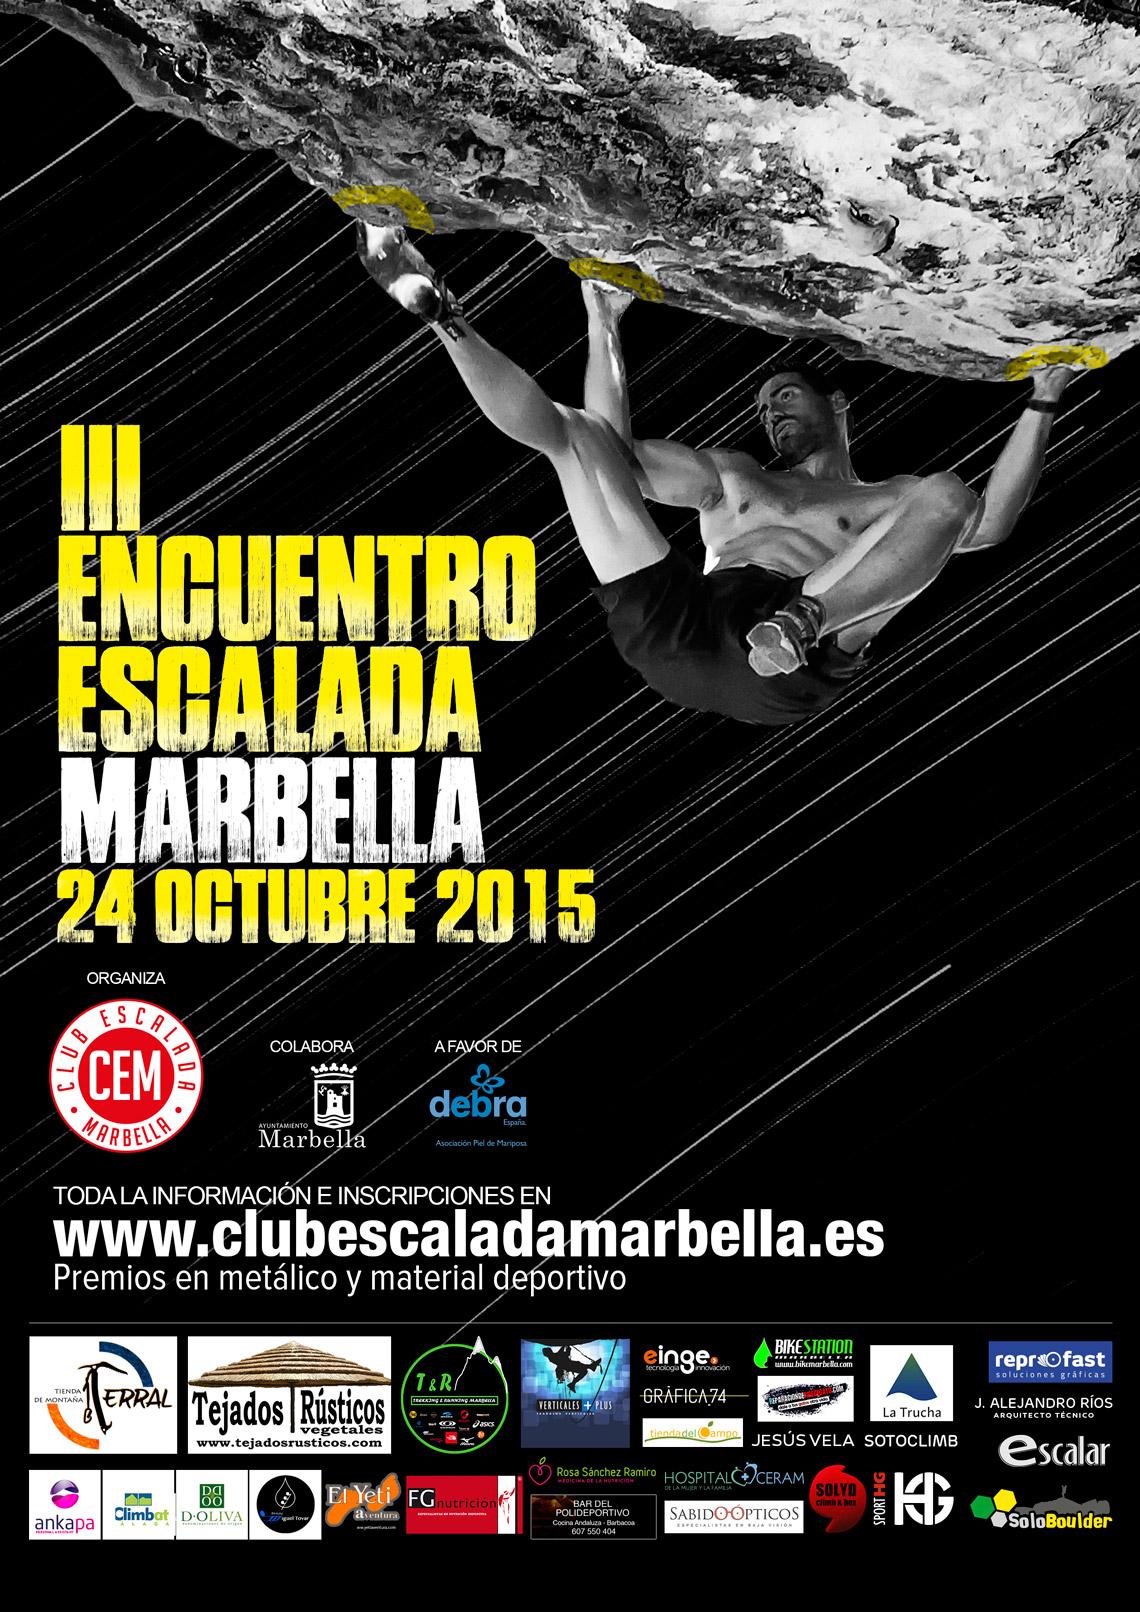 Cartel-III-Encuentro-de-Escalada-Marbella-2015-MediaRes